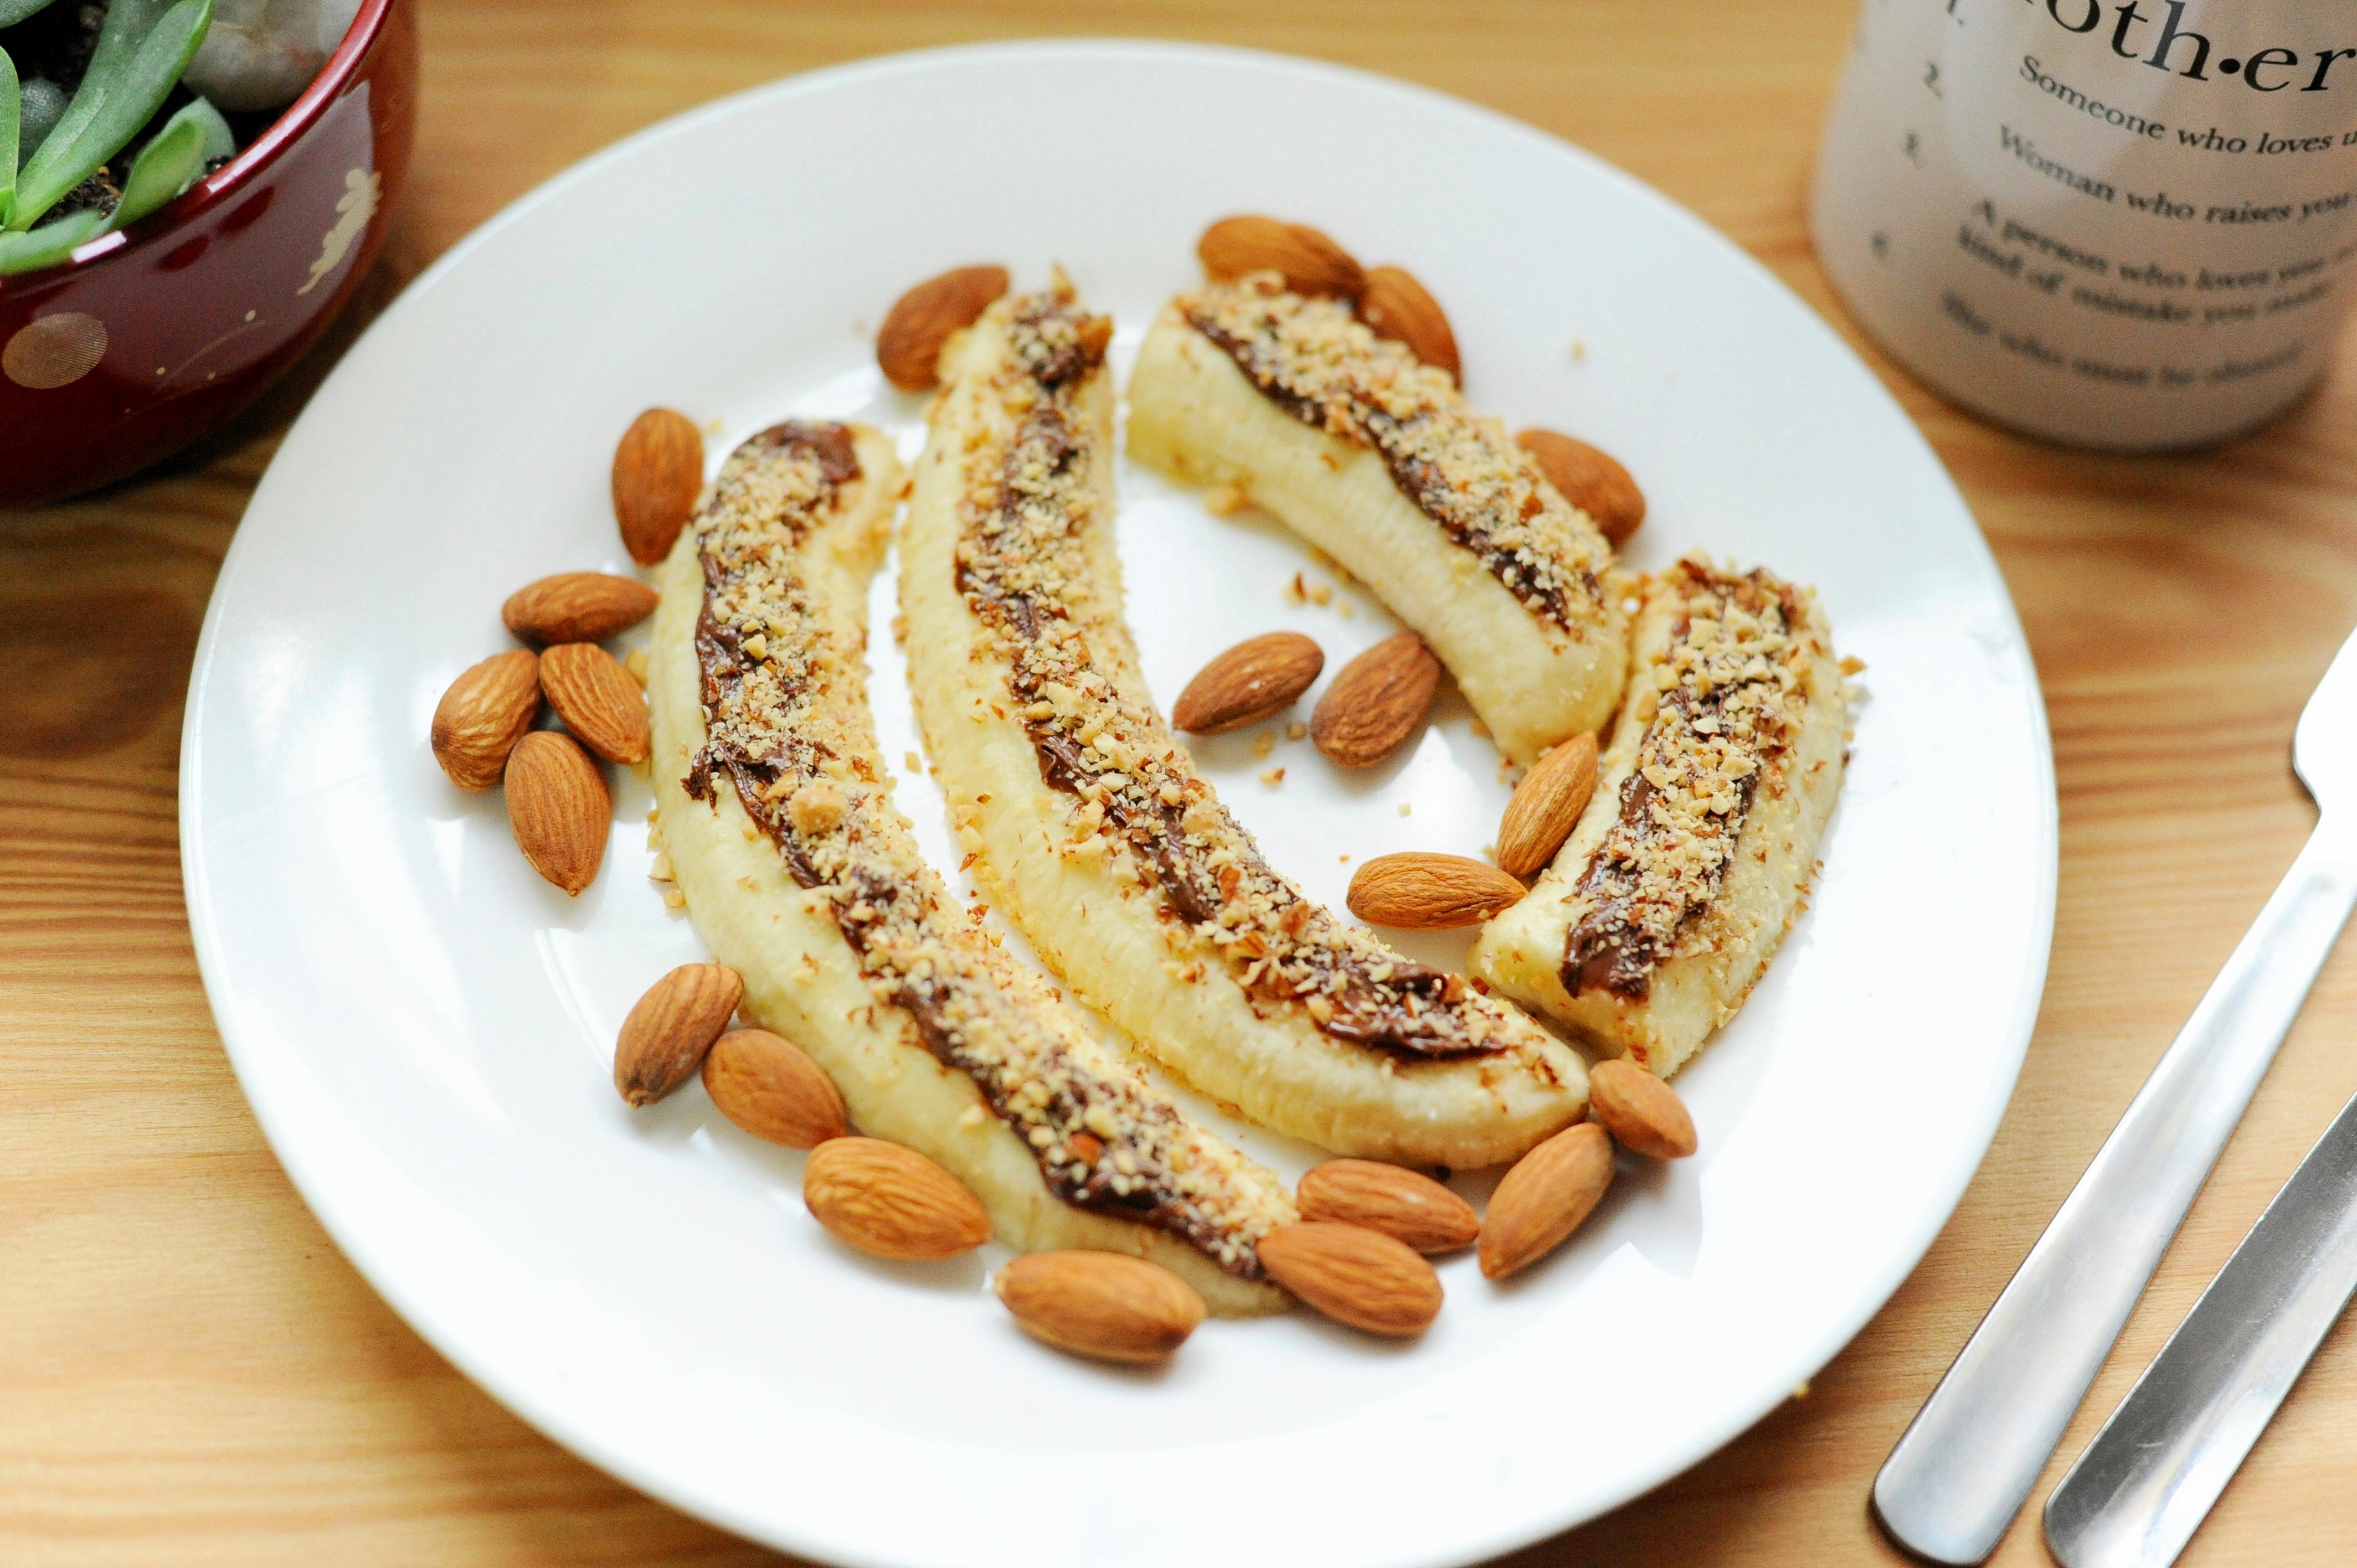 Nutella coated banana